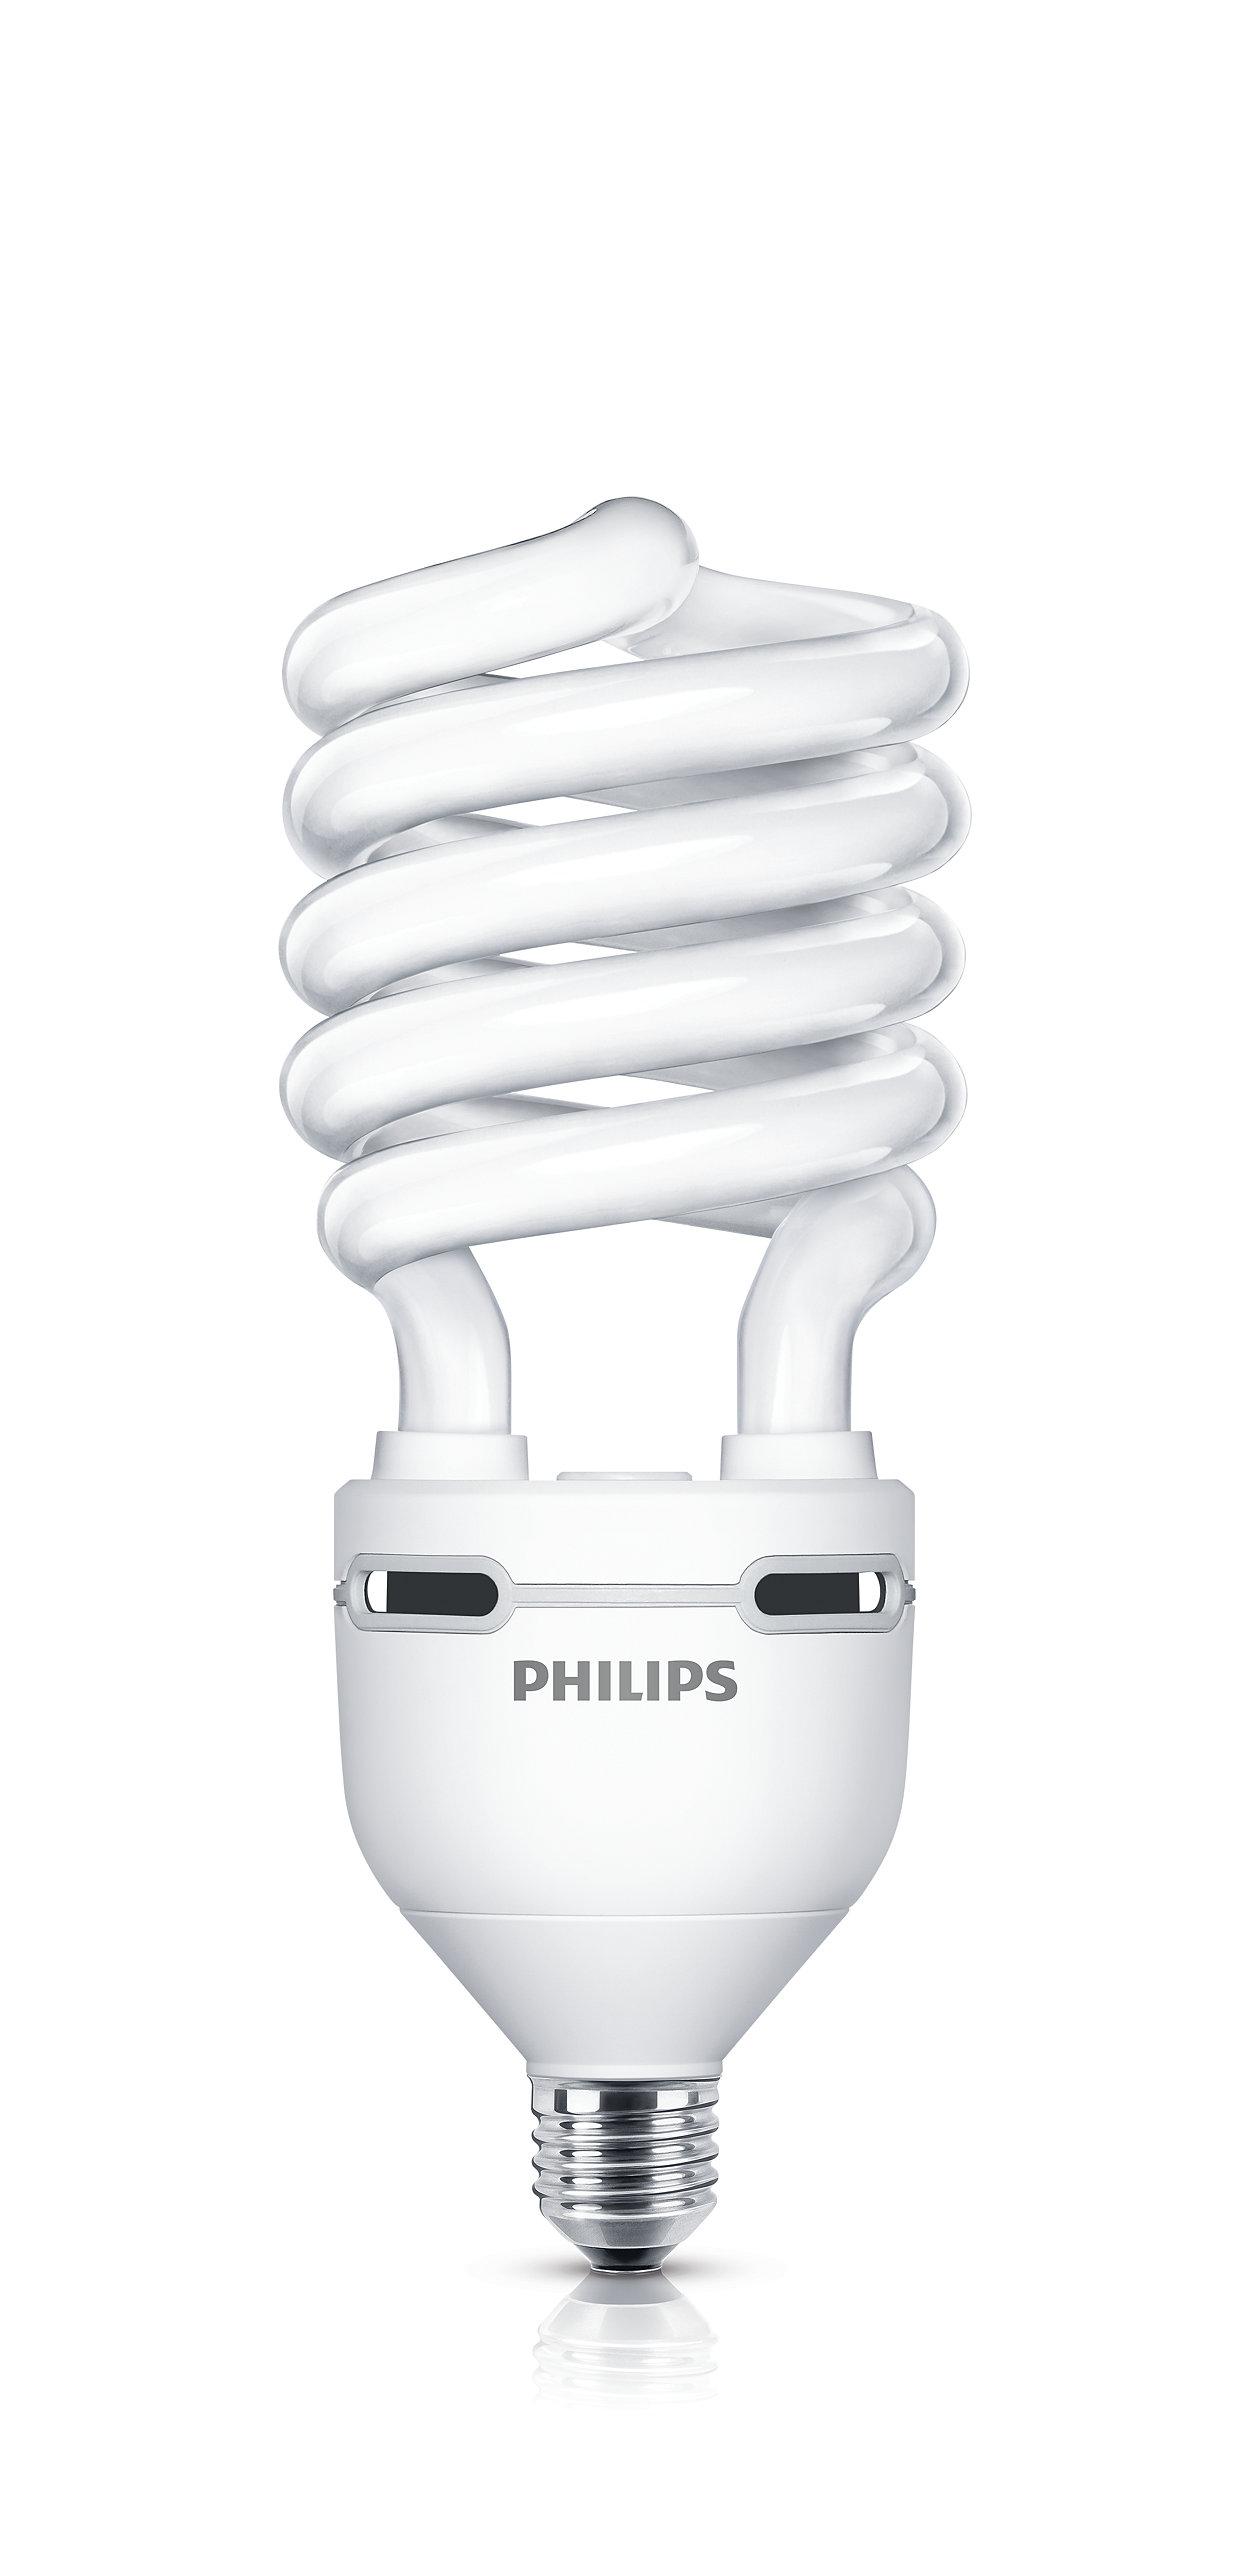 Yüksek lümen değerine sahip, sarmal/ spiral şekilli, enerji tasarruflu lamba.